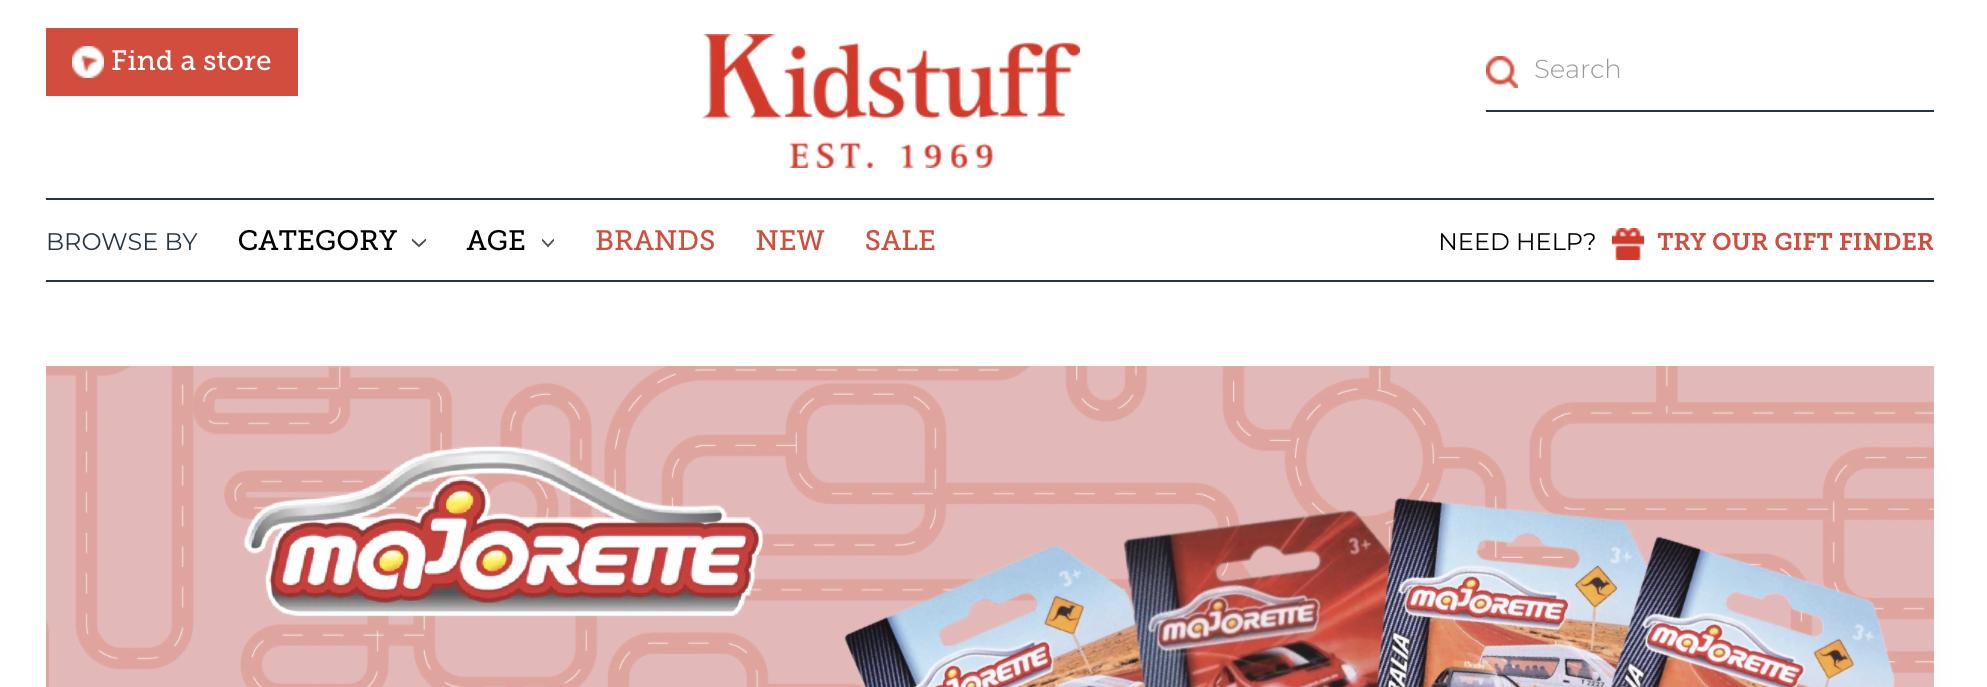 Kidstuff website